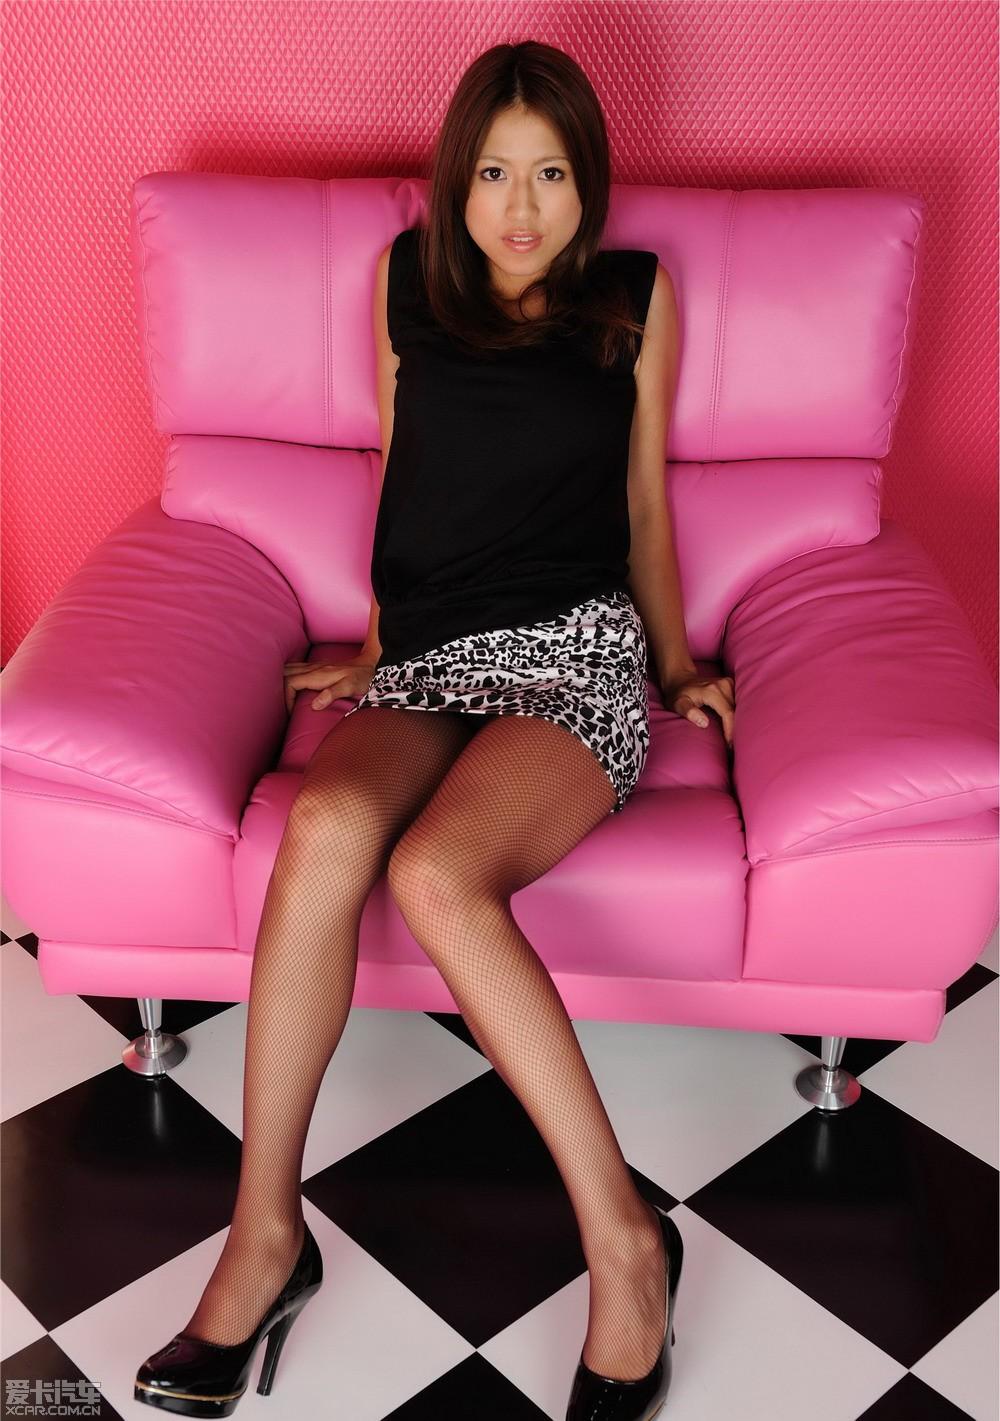 长腿美女sy粉色浪漫写真高清大图!